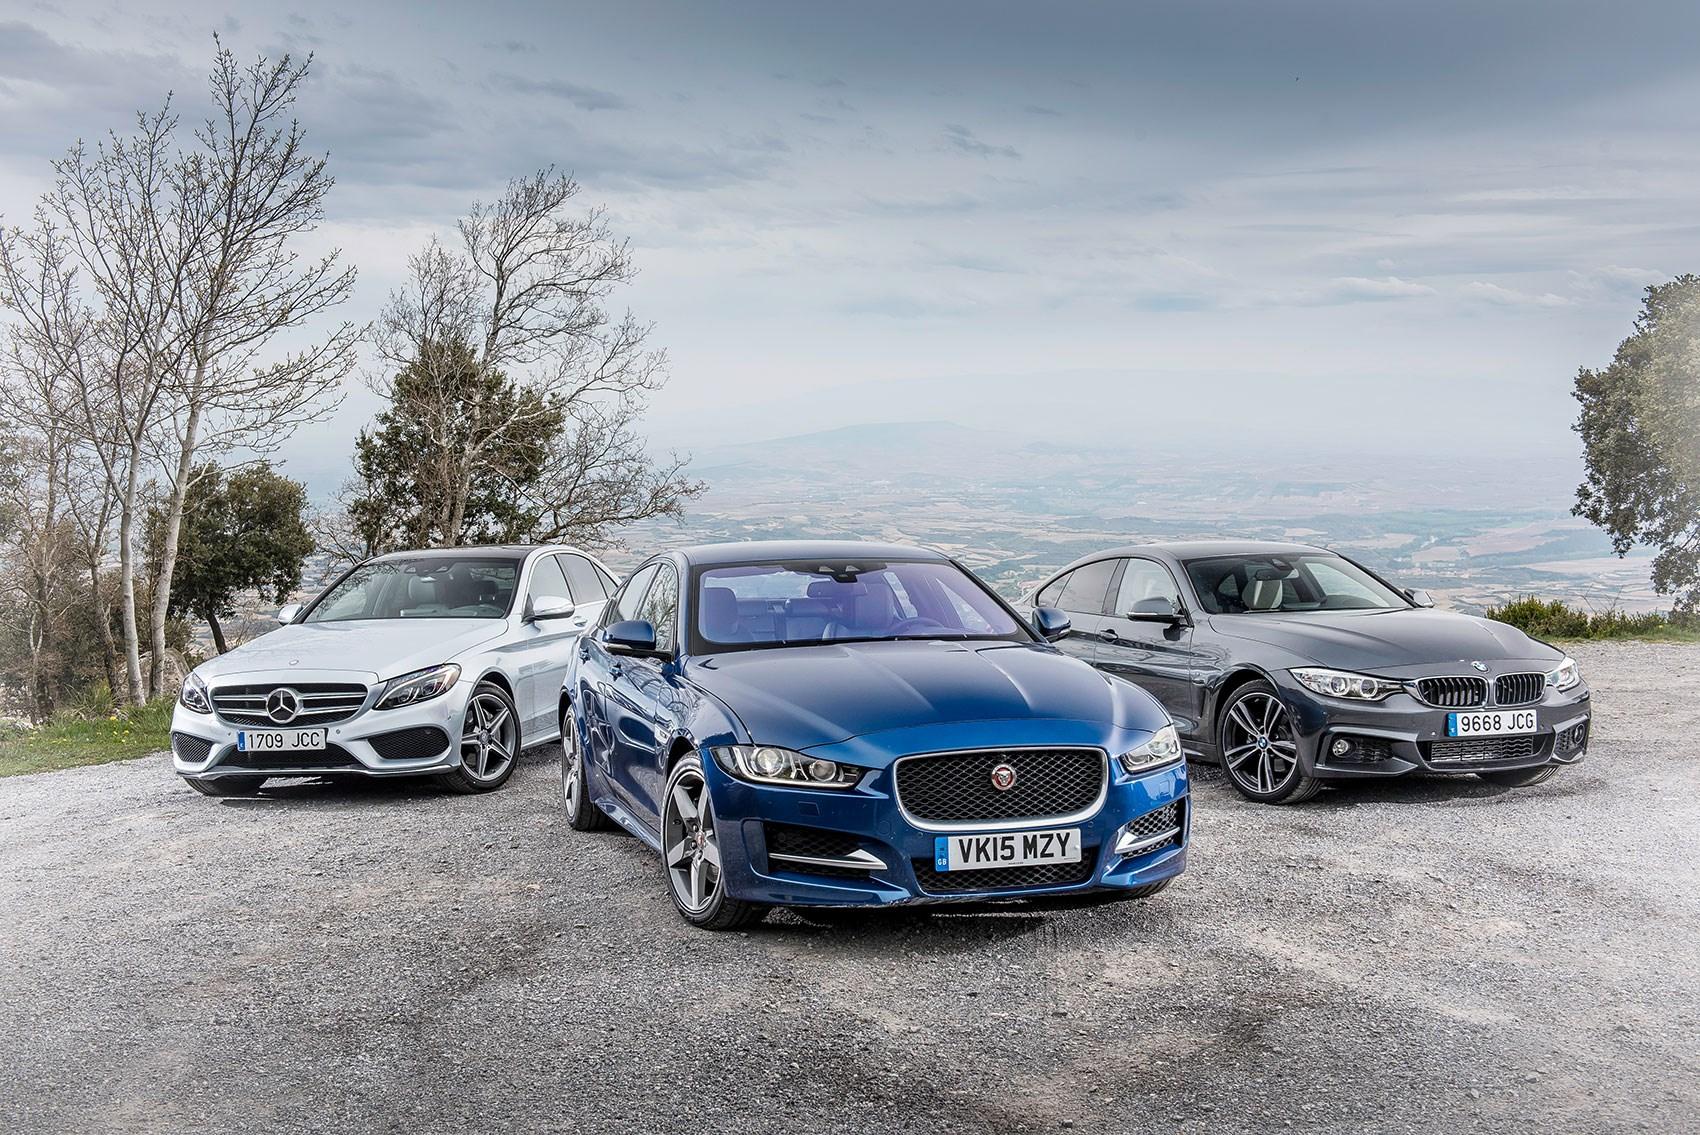 Jaguar Xe Vs Bmw 4 Series Vs Mercedes C Class Triple Test Review